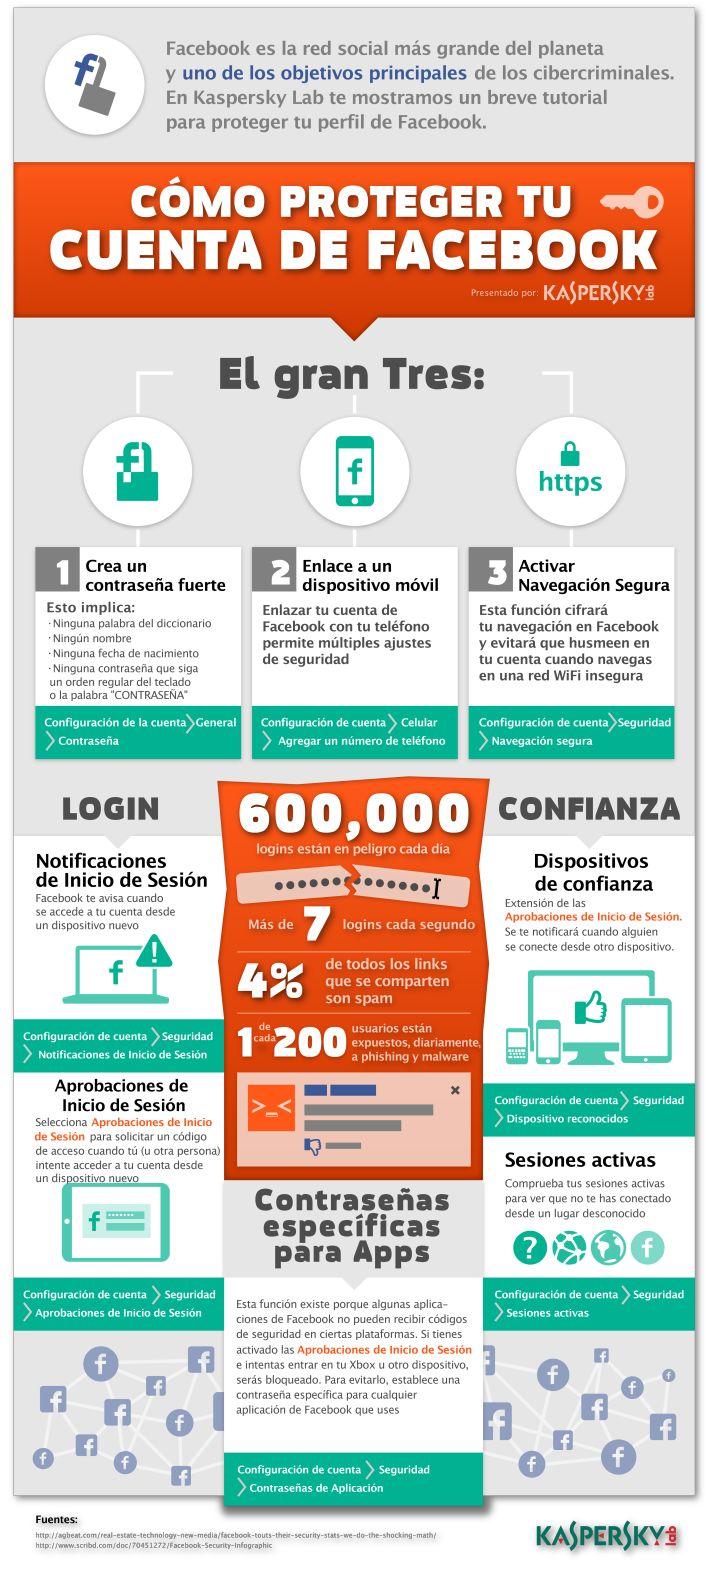 ¿Cómo proteger tu cuenta de FaceBook? #Infografía